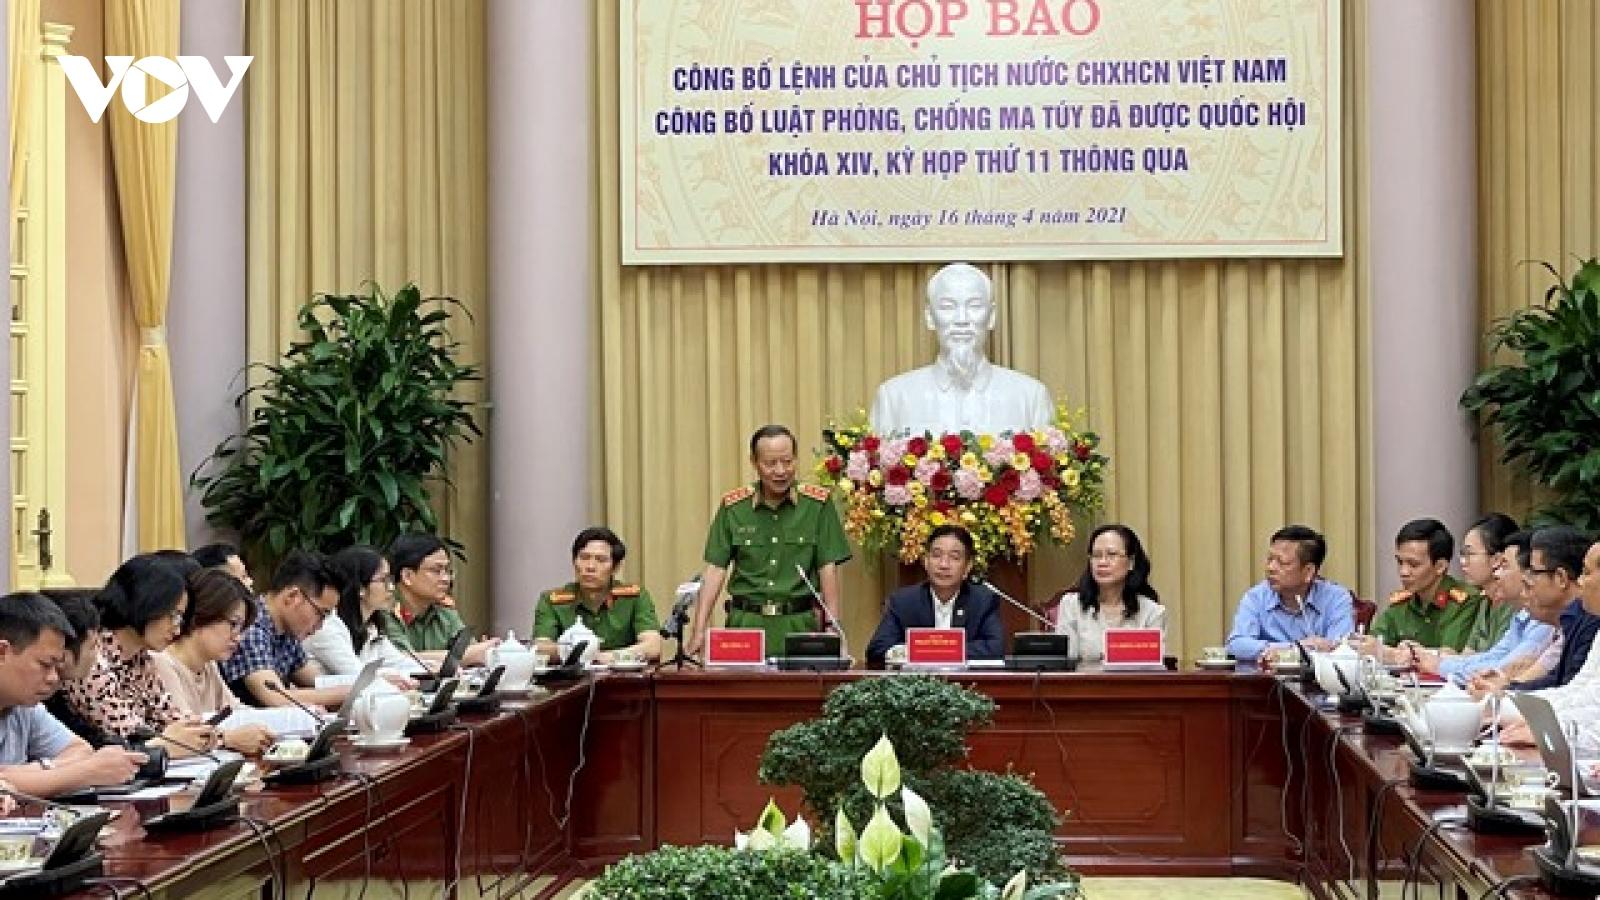 Công bố Luật Phòng, chống ma túy: Quy định thêm một số hành vi nghiêm cấm